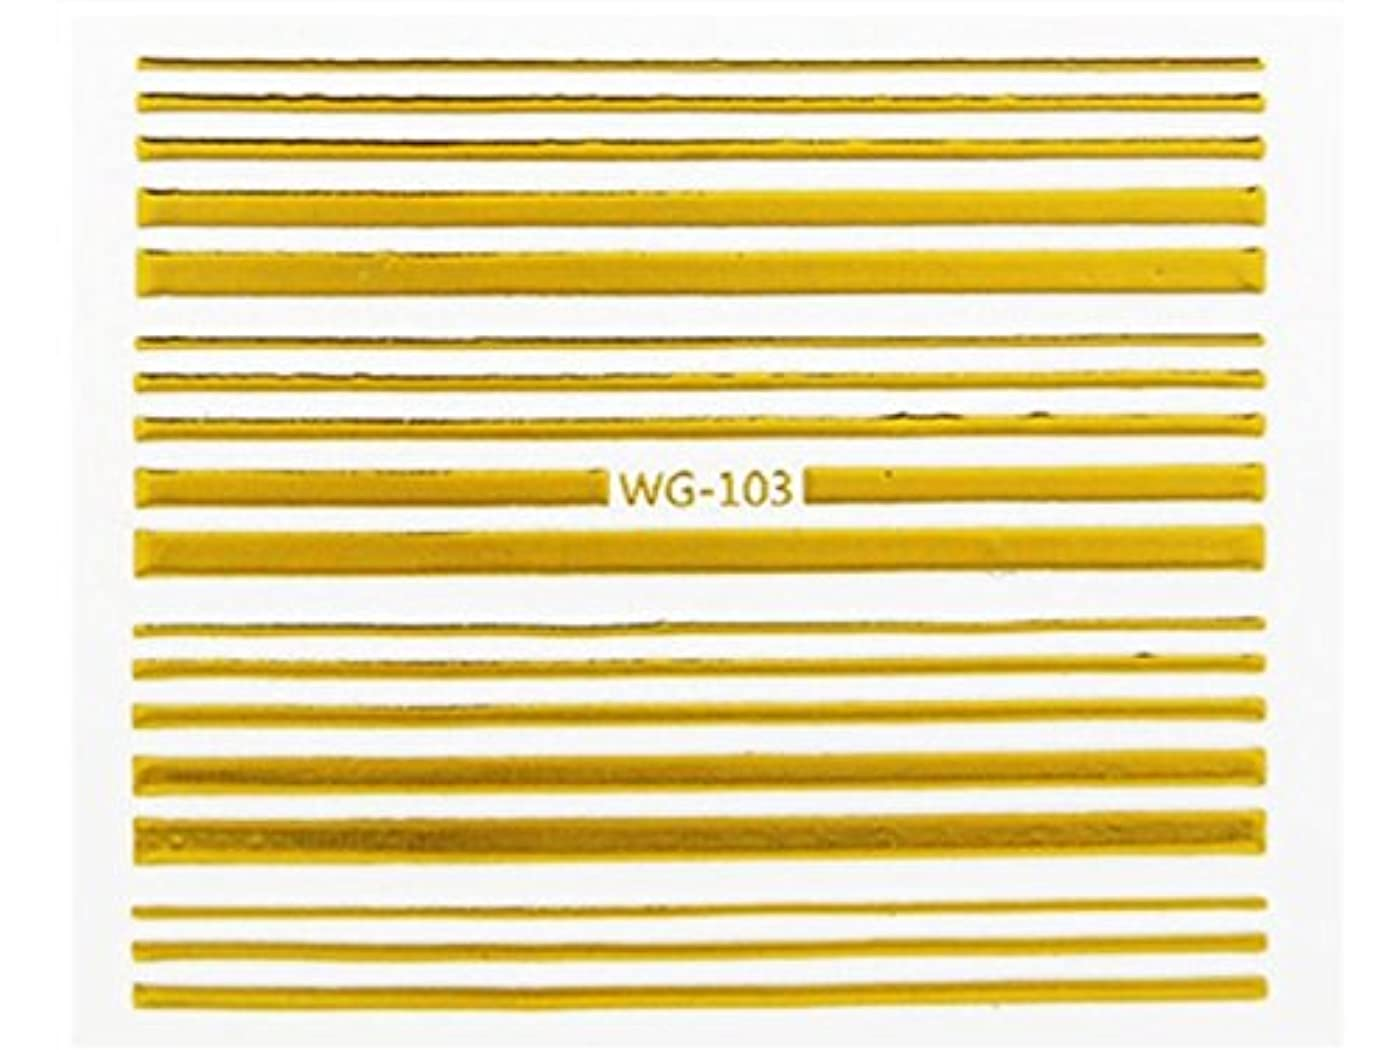 昆虫を見るサイトライン見通しOsize ファッションウォーターマーク美しいヒントホットスタンピング3Dネイルステッカーネイルデカール刻印ネイルステッカー(WG-106ゴールデン)